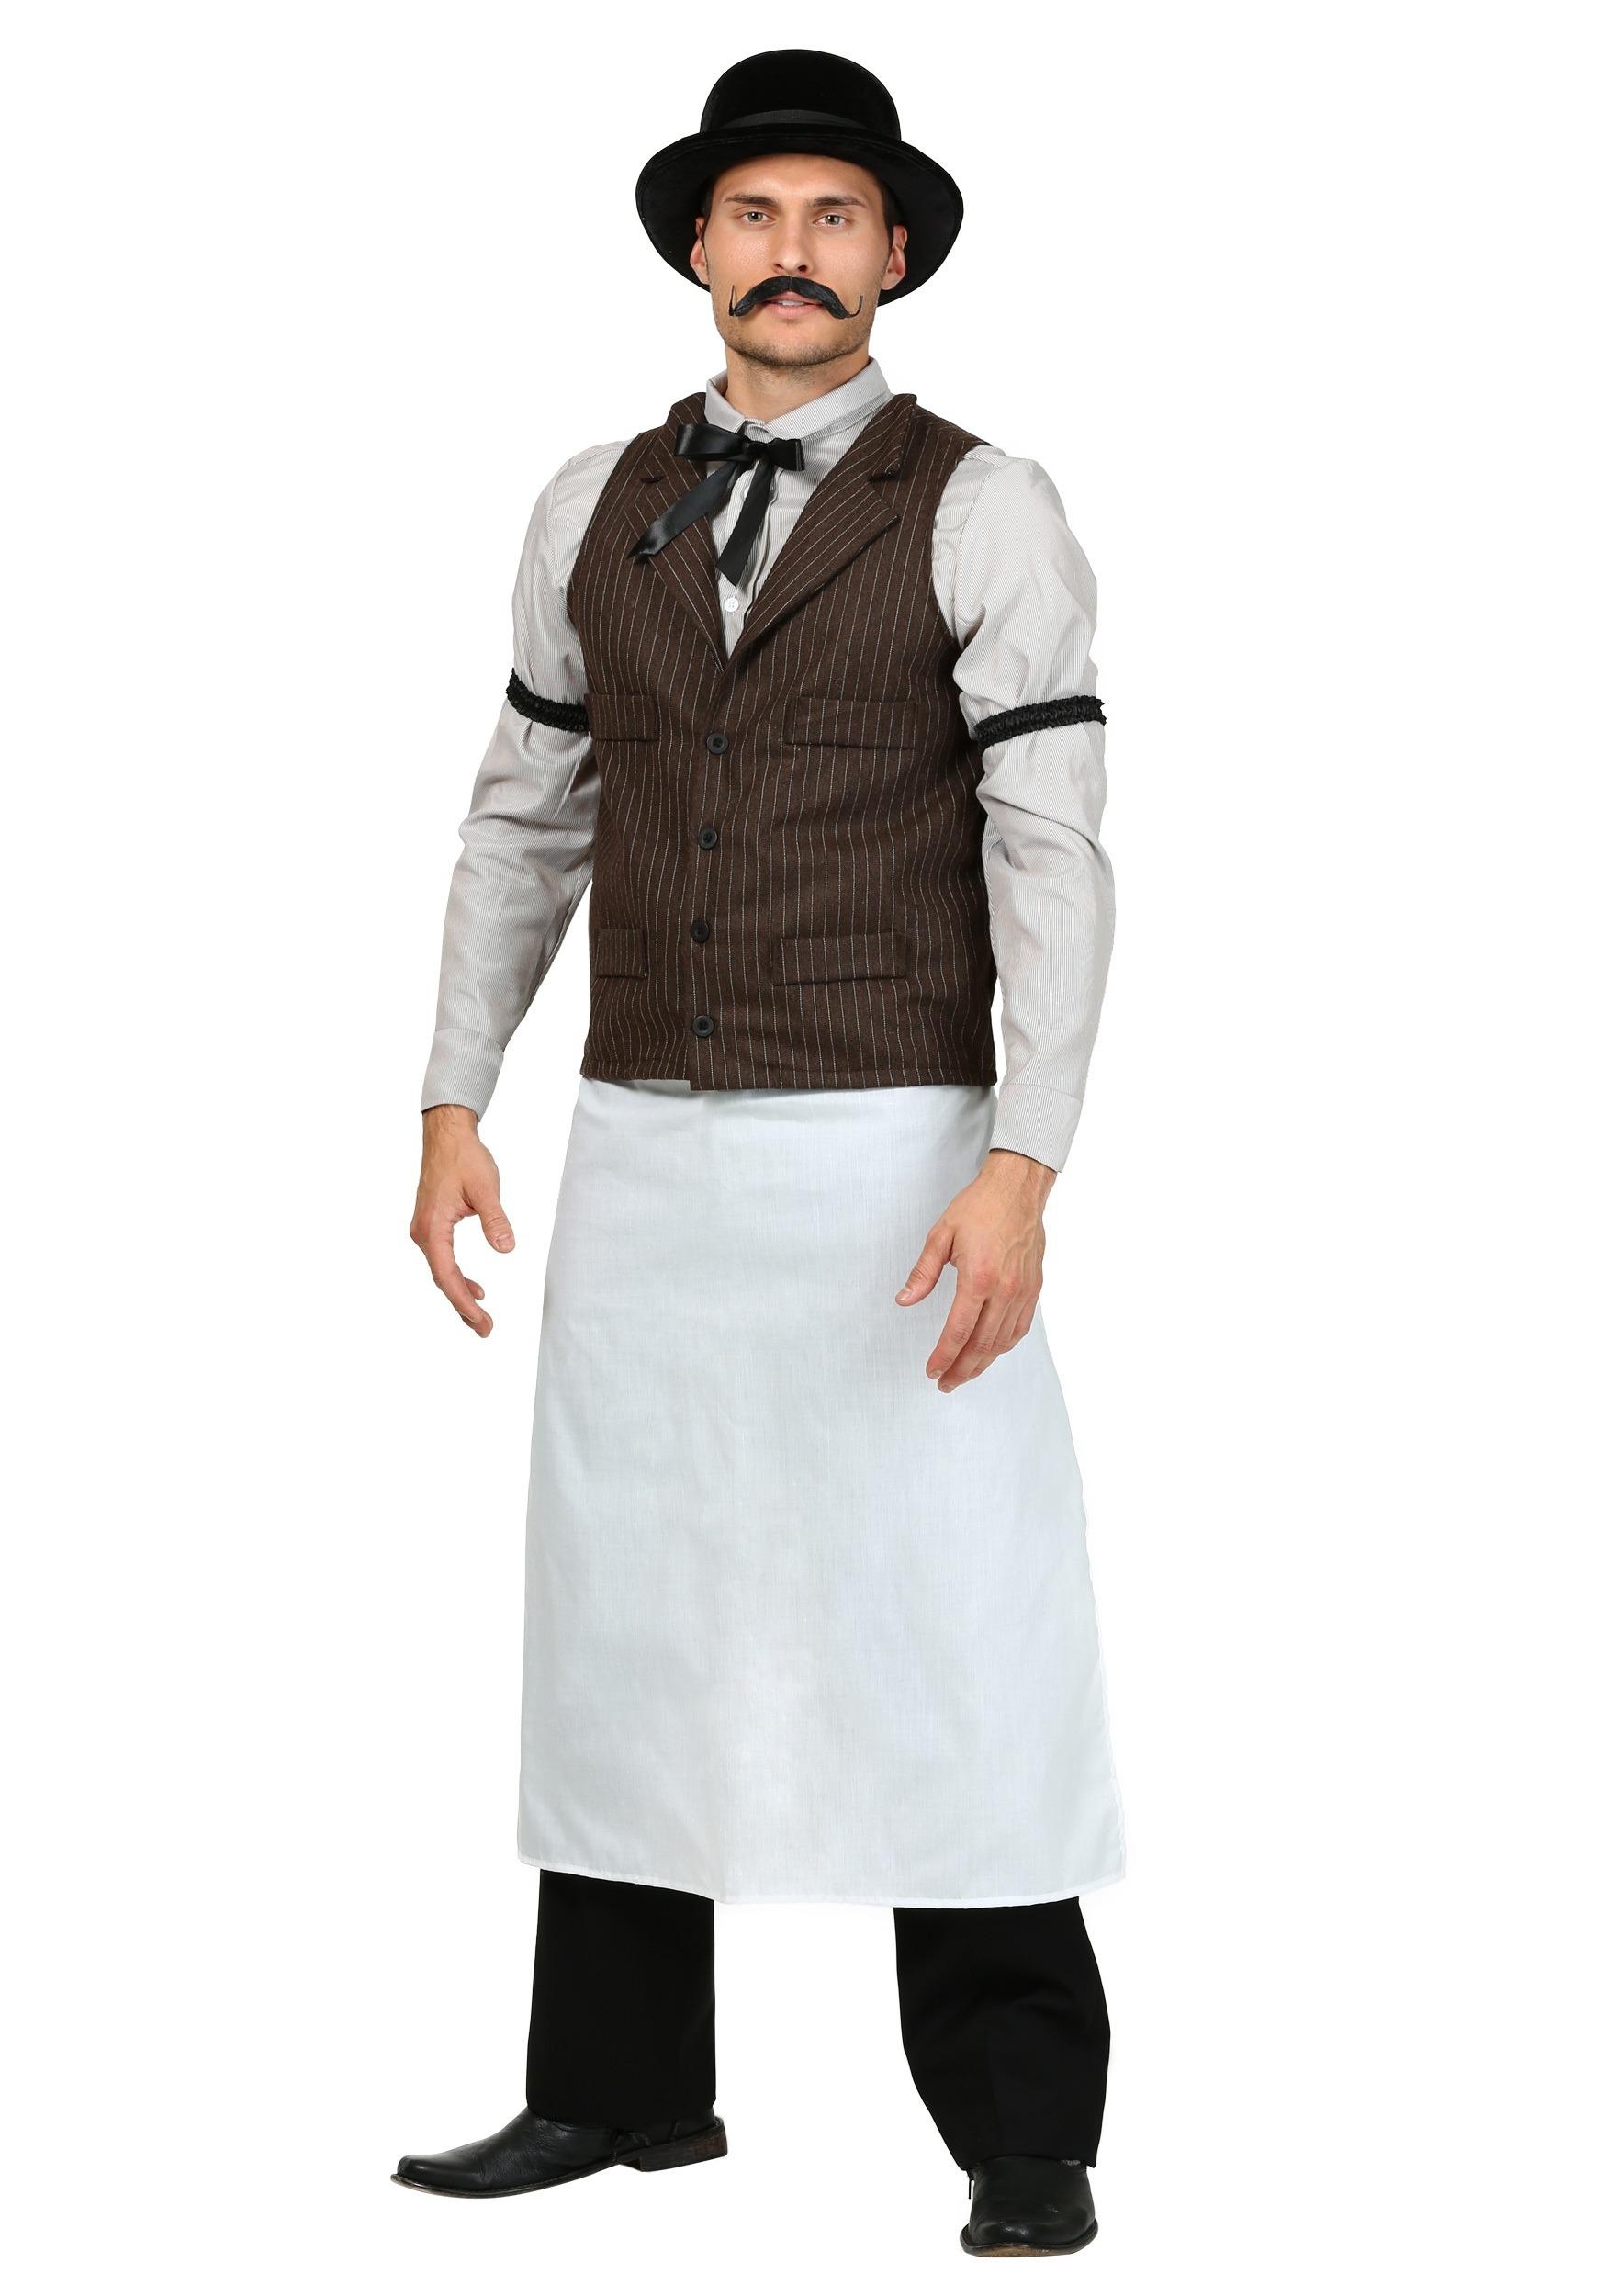 Superb Adult Old West Bartender Costume Short Hairstyles Gunalazisus